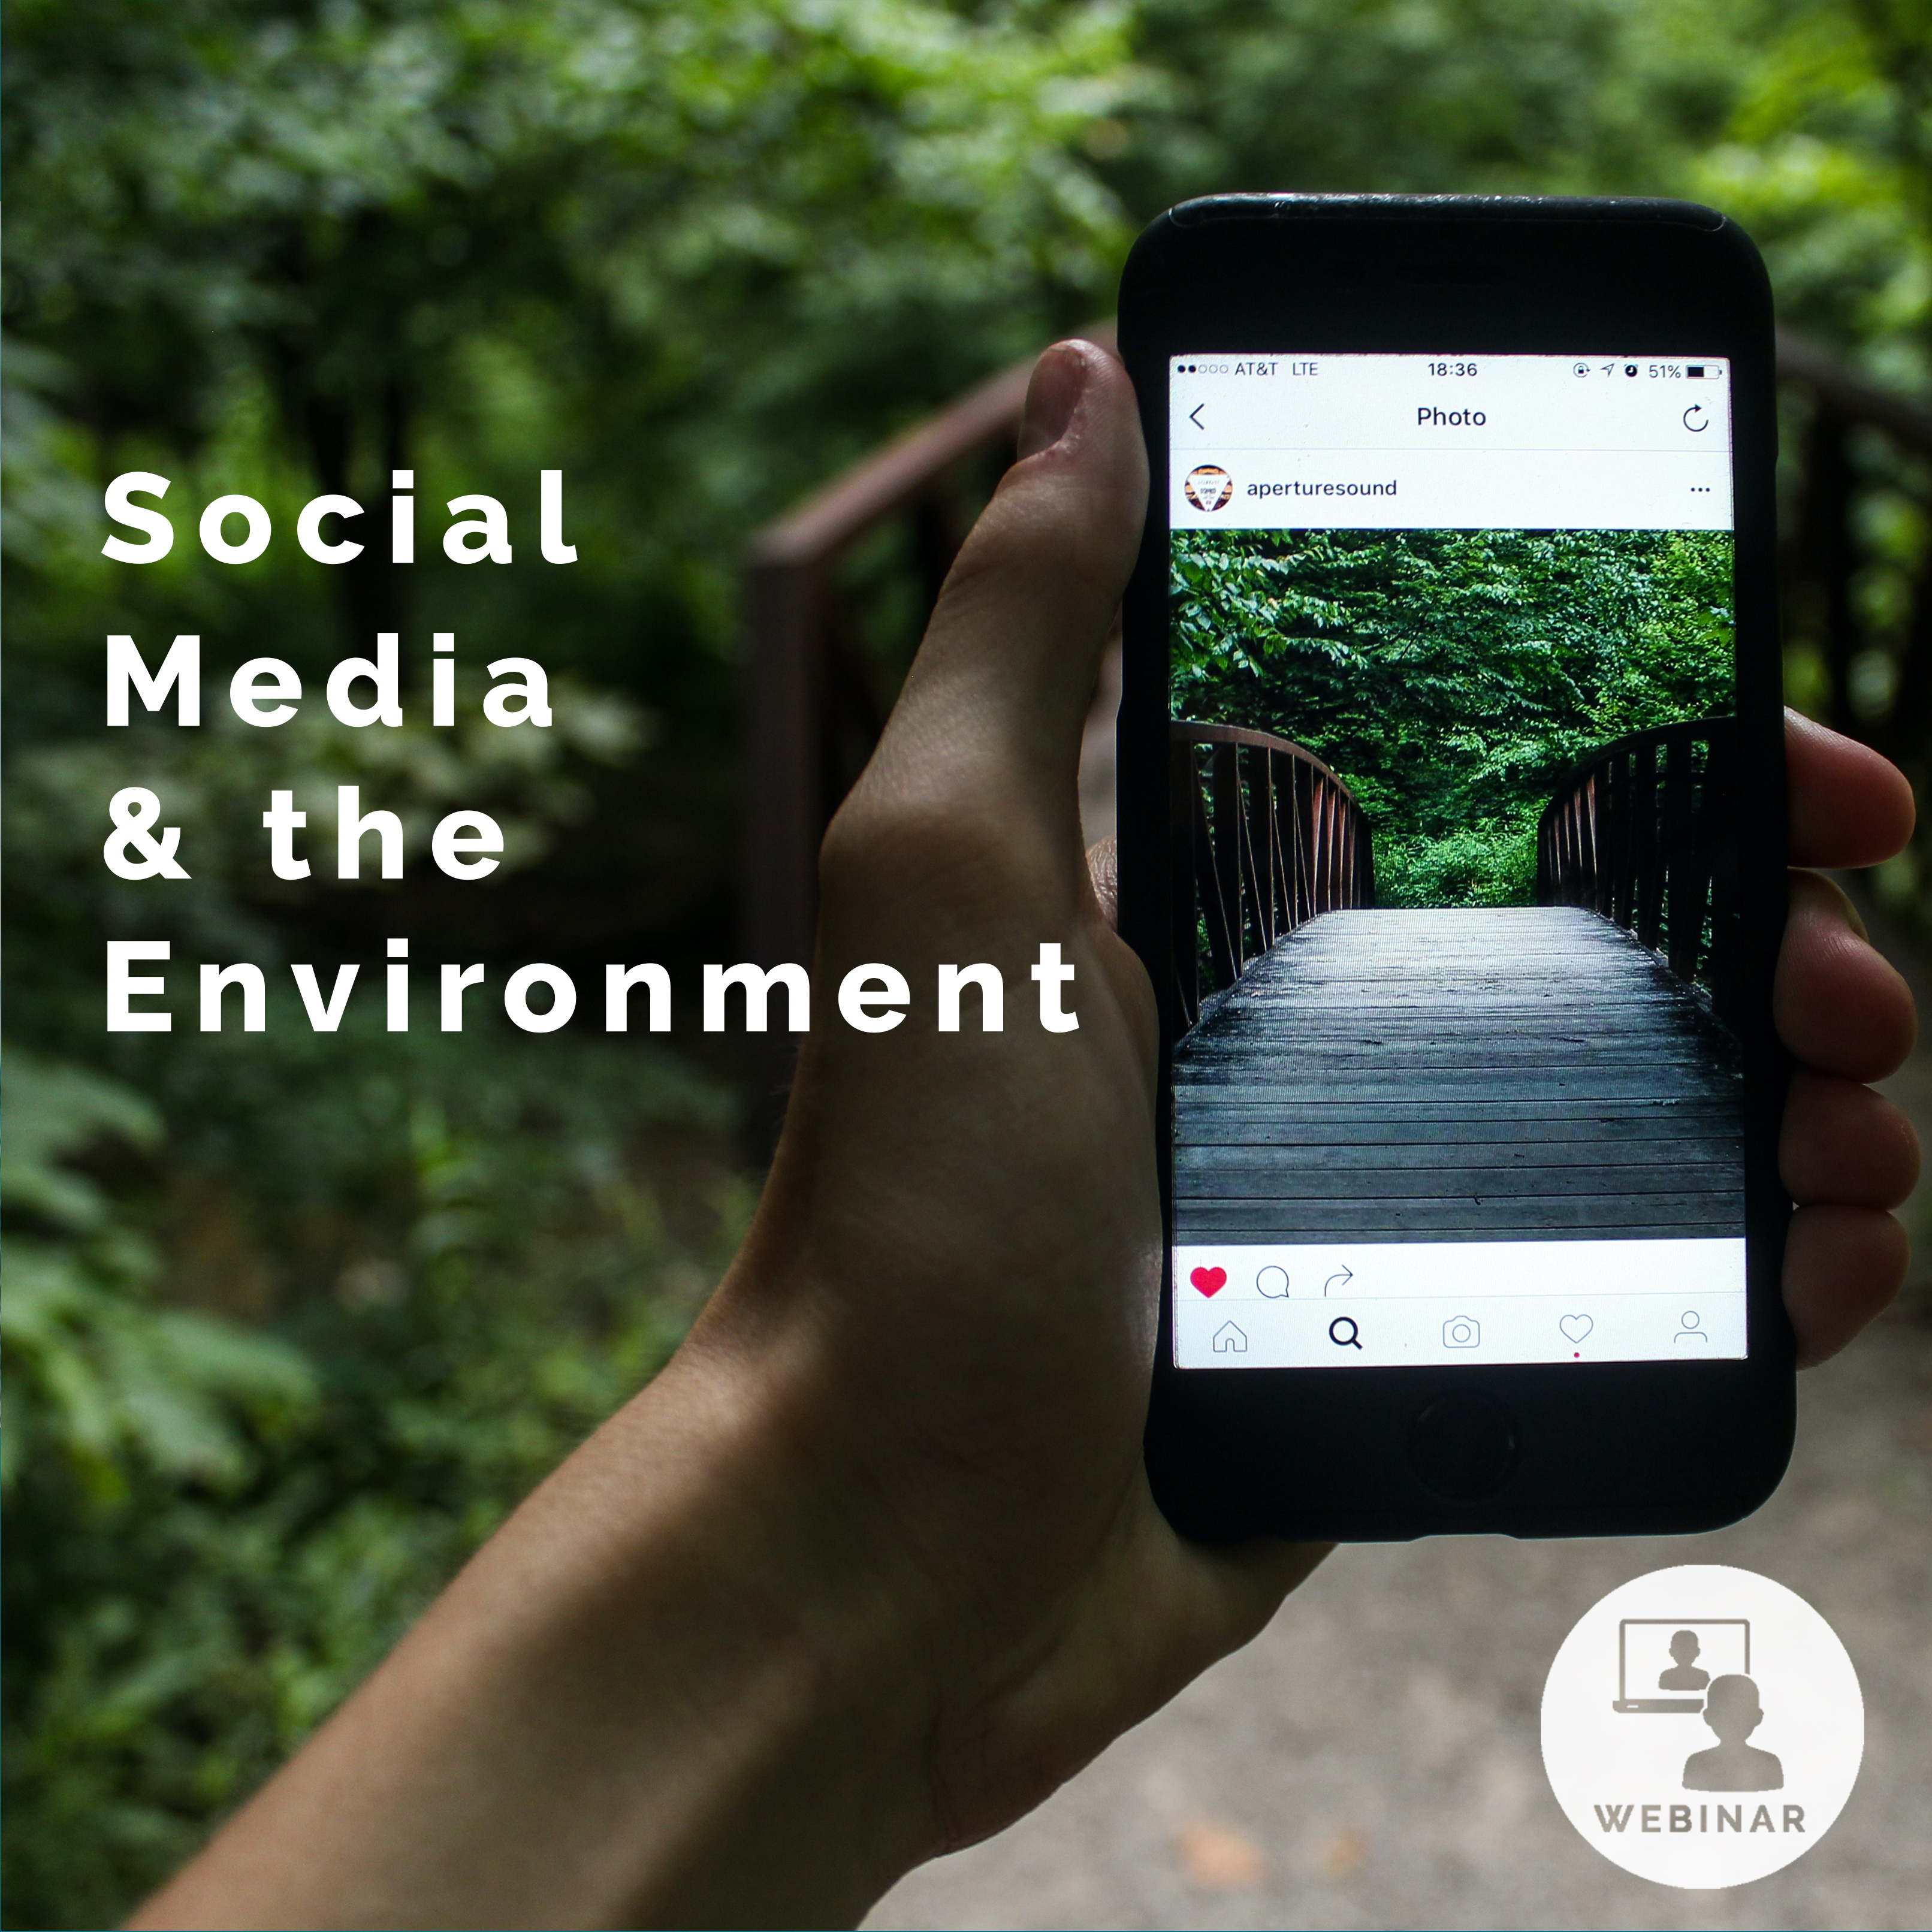 social media for the environment insta.jpg